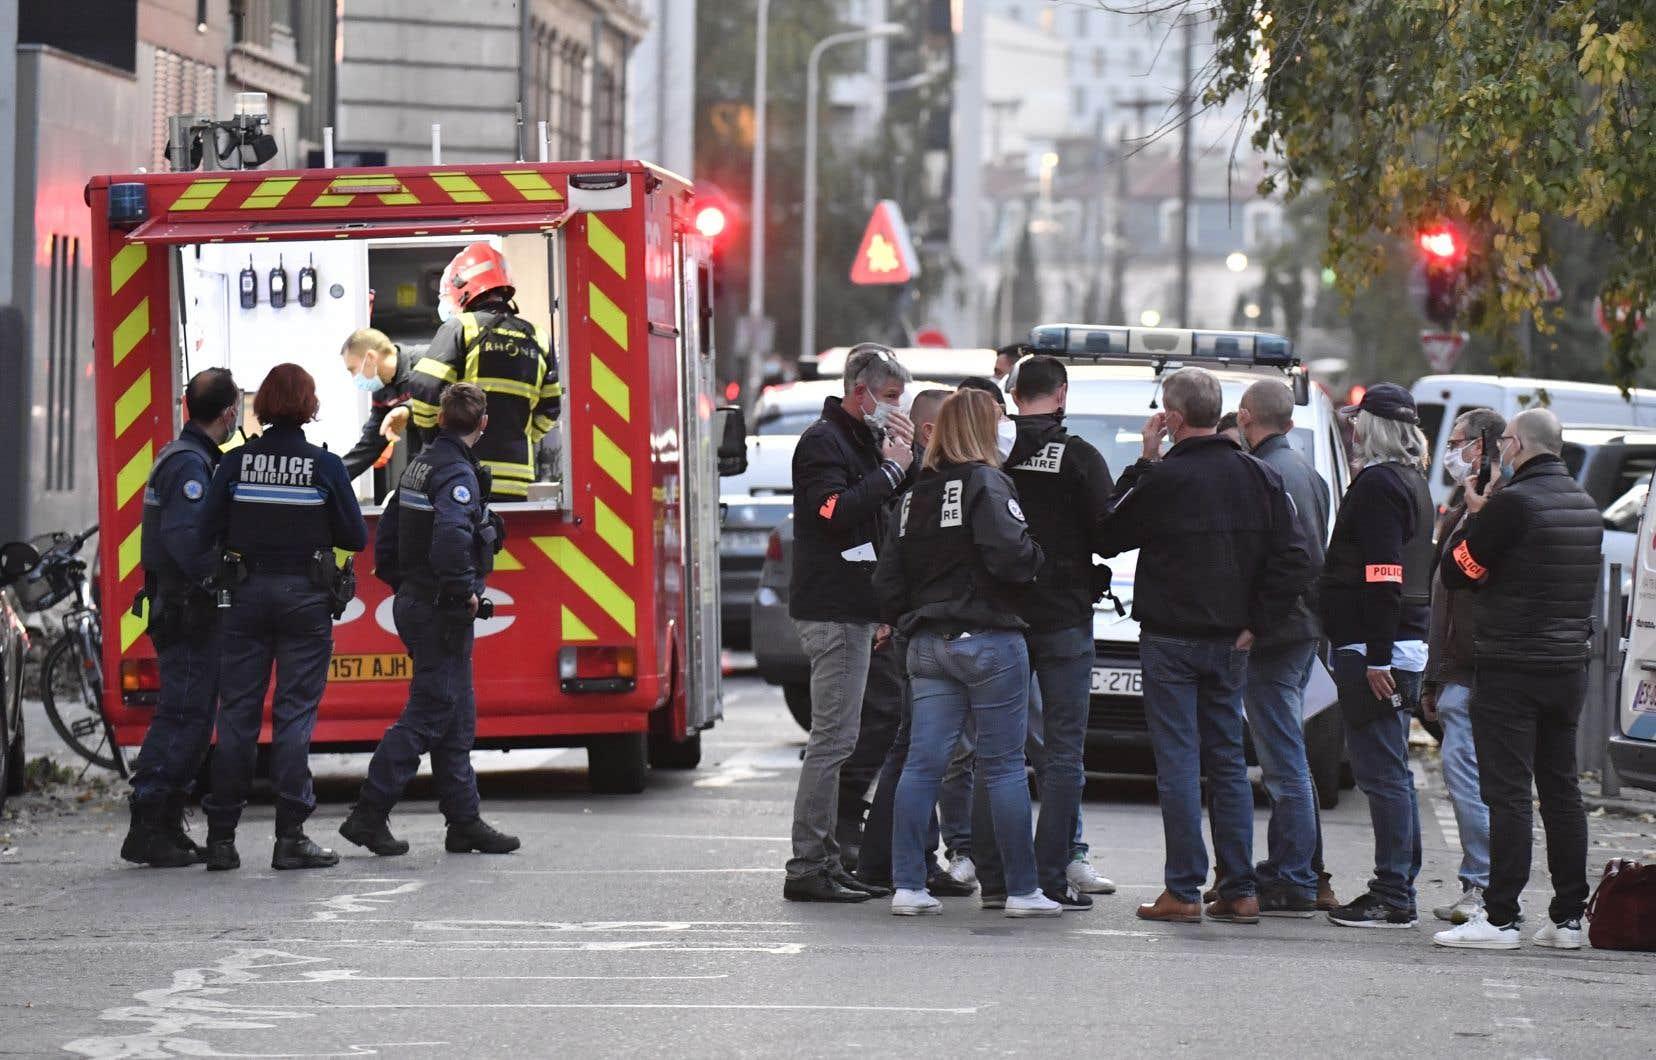 À l'arrière du lieu de culte, un camion de pompiers pour assurer un poste de commandement était visible, tandis que des militaires assuraient un périmètre de sécurité.